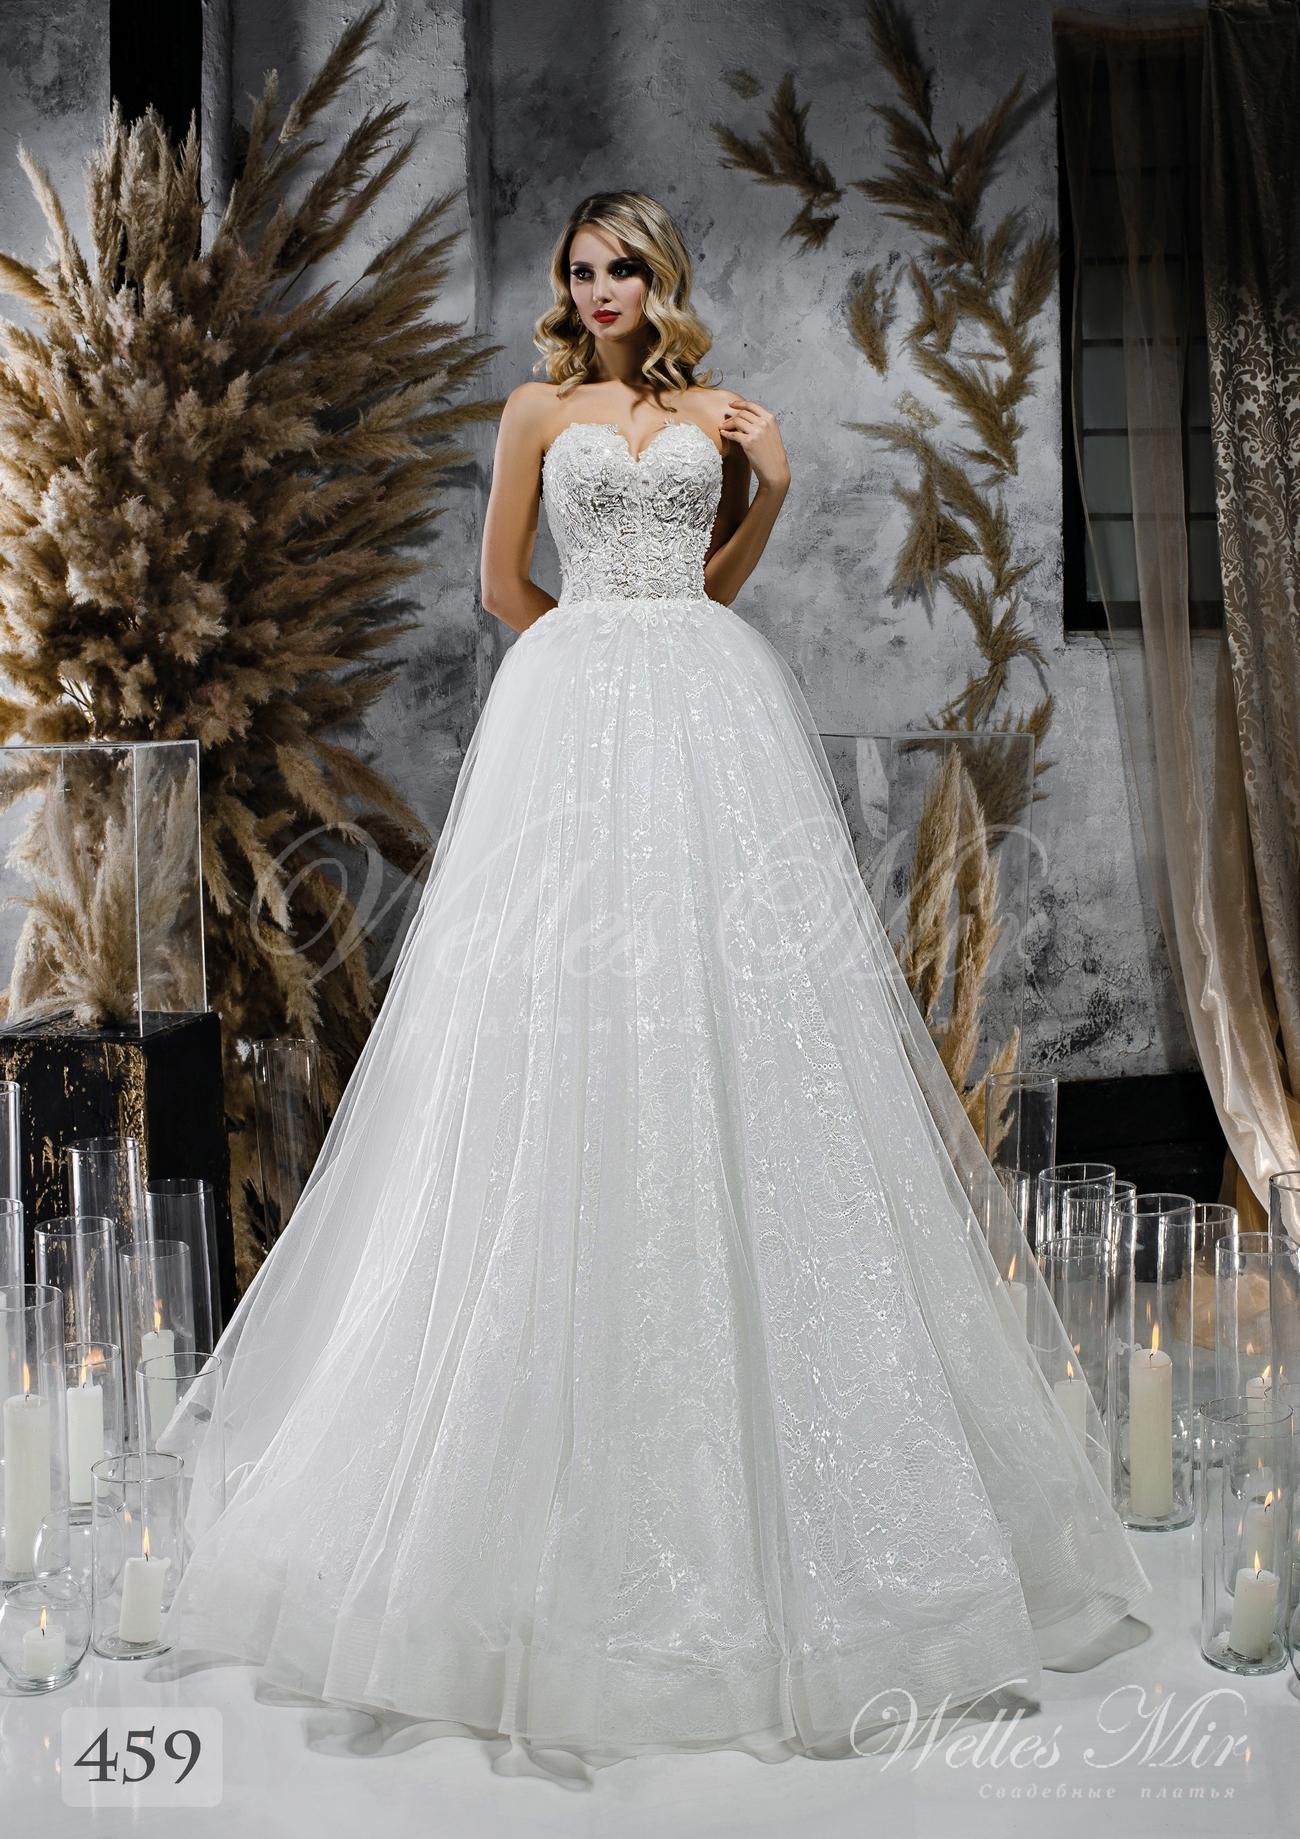 Свадебные платья Unique Perfection 2018 - 459